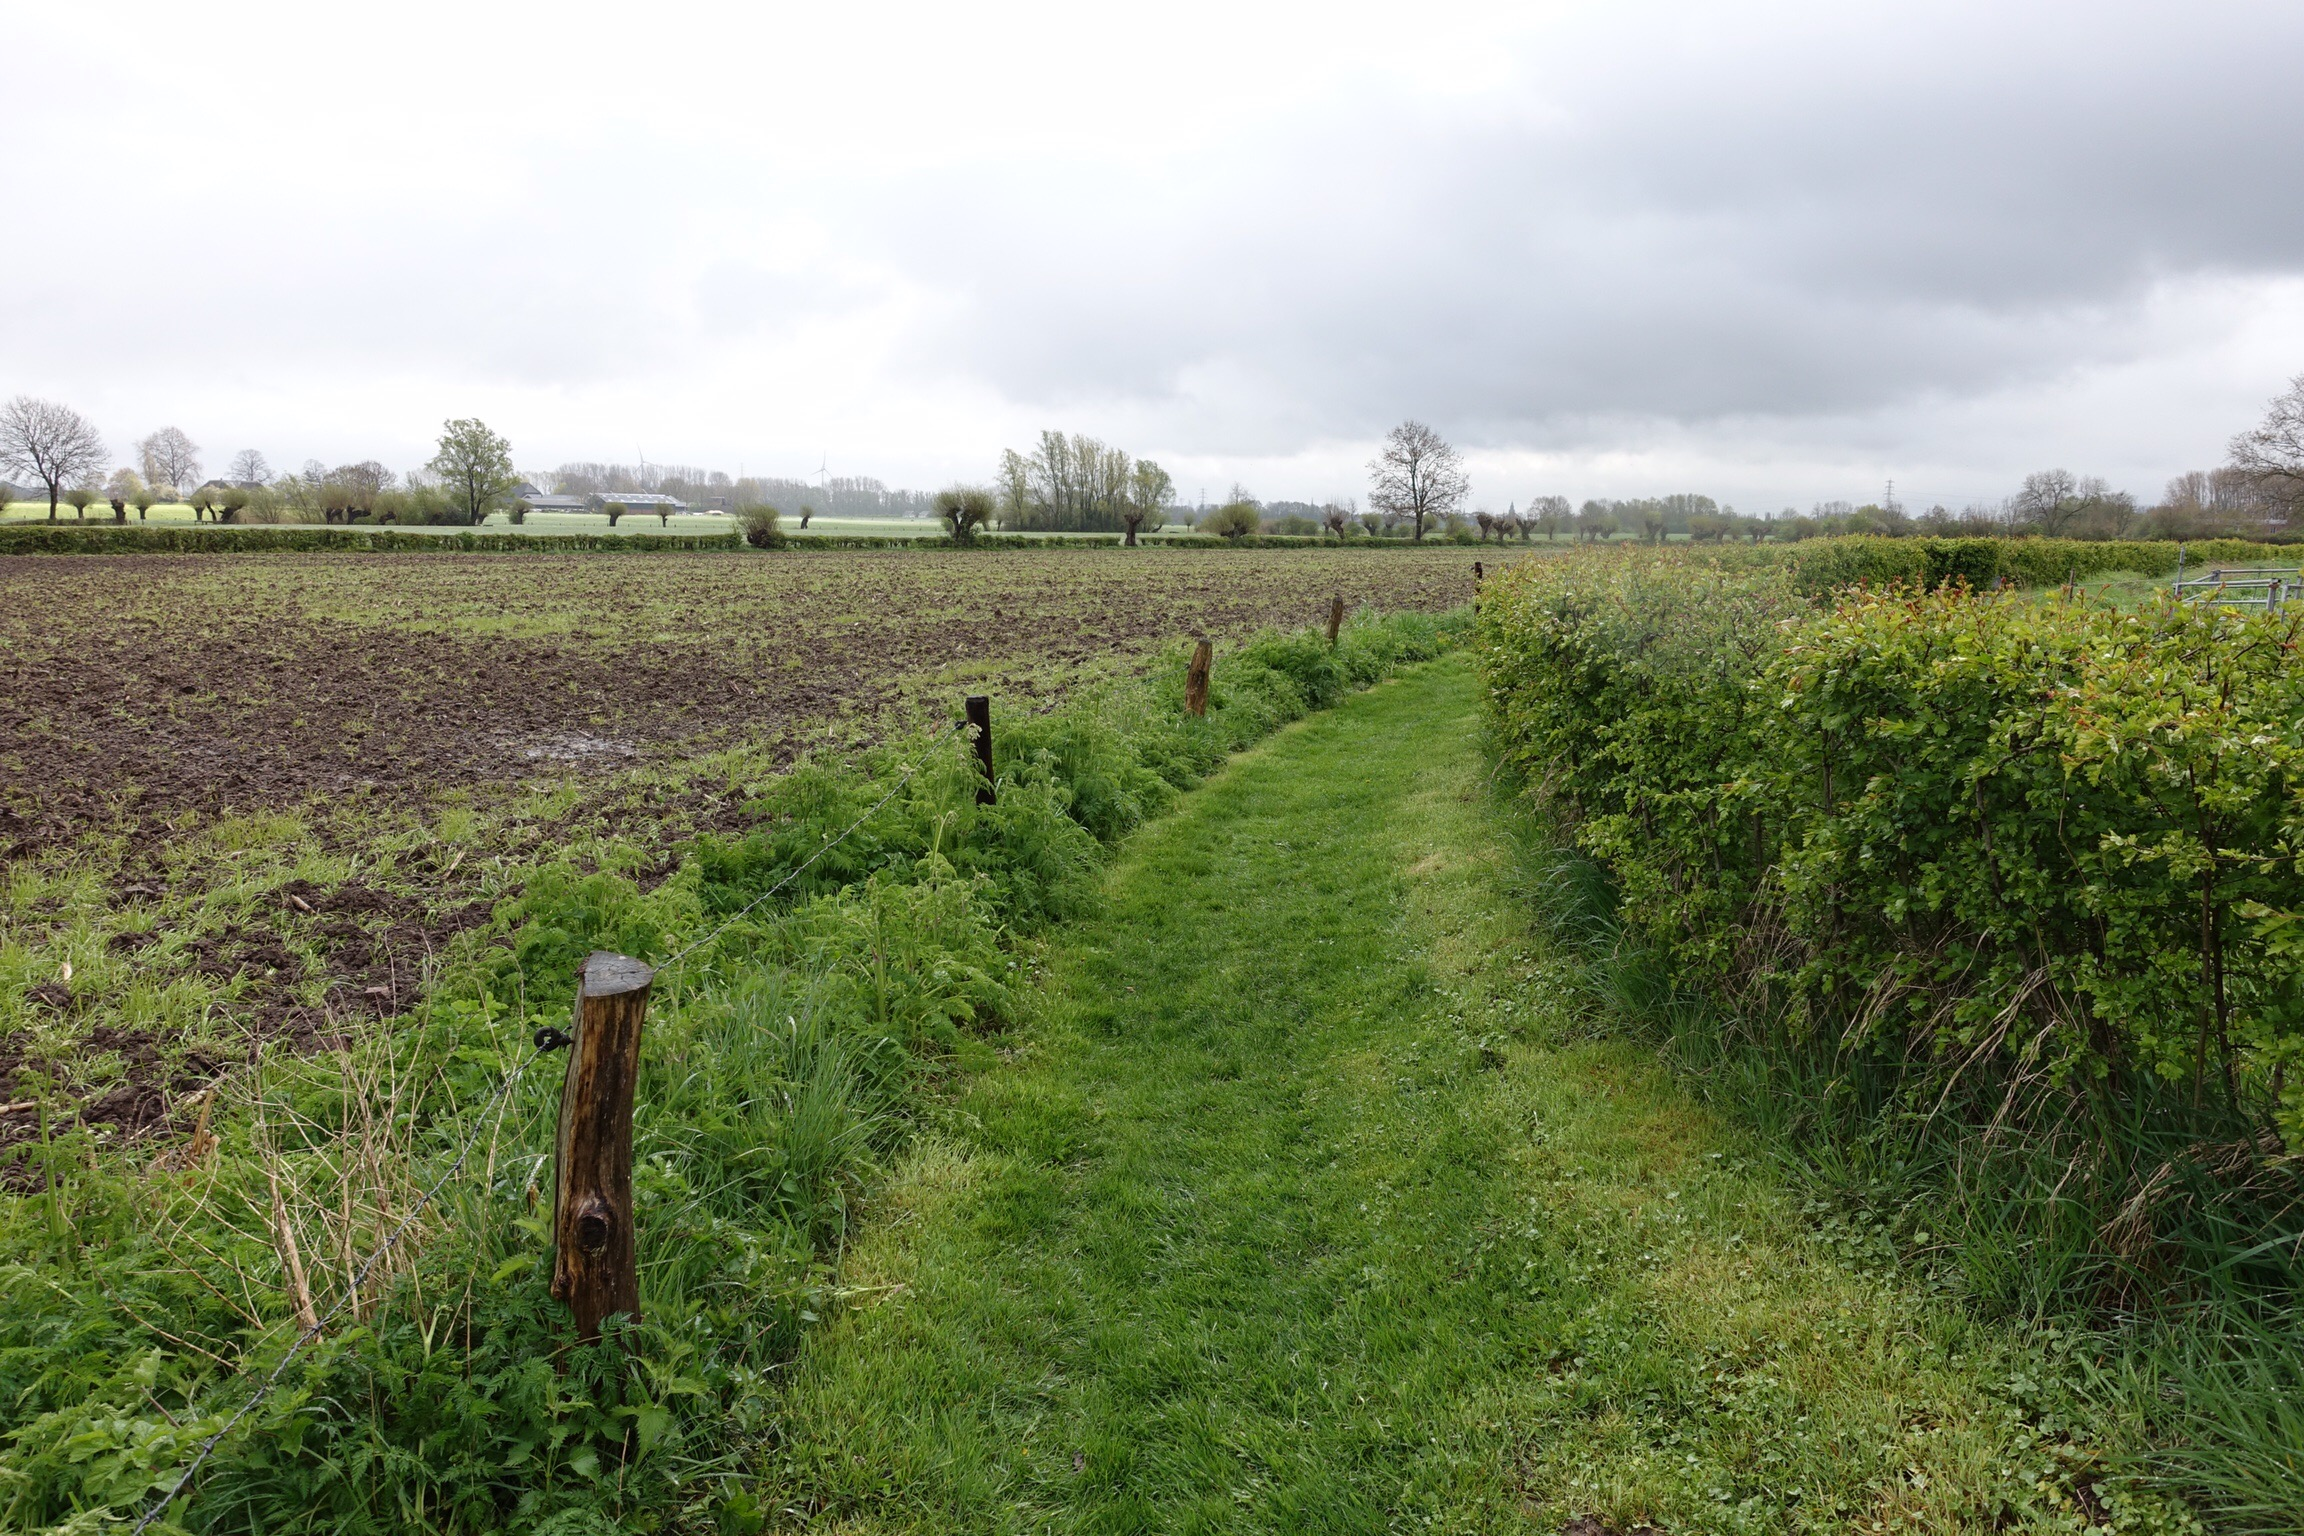 Nice walking trail between farm fields